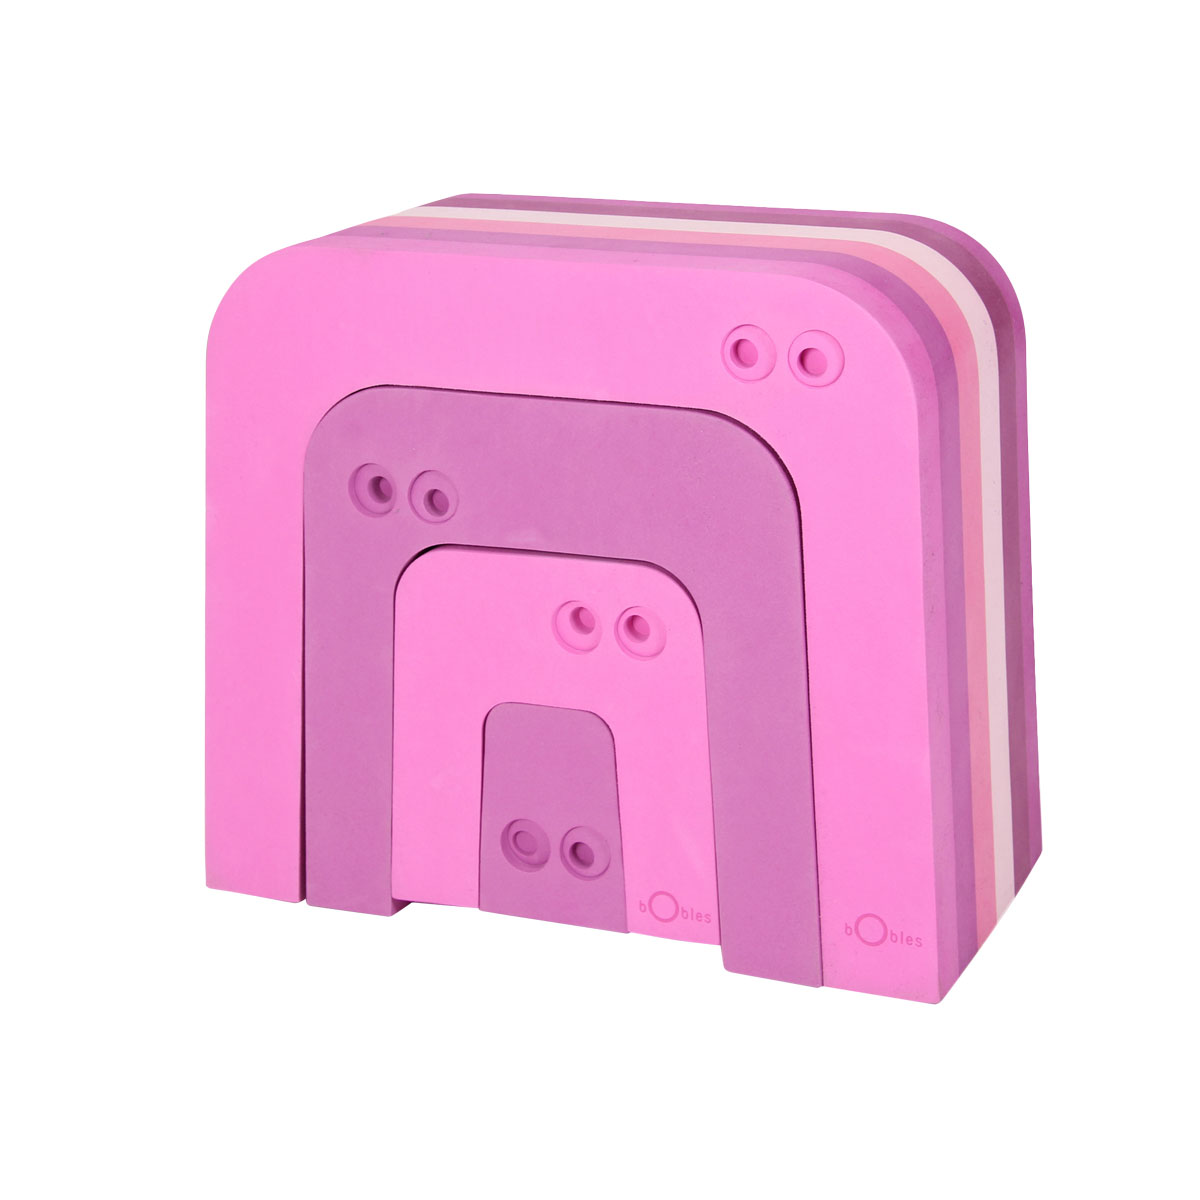 【在庫限り・仕様変更予定】ボブルス アリクイ4個セット ピンク